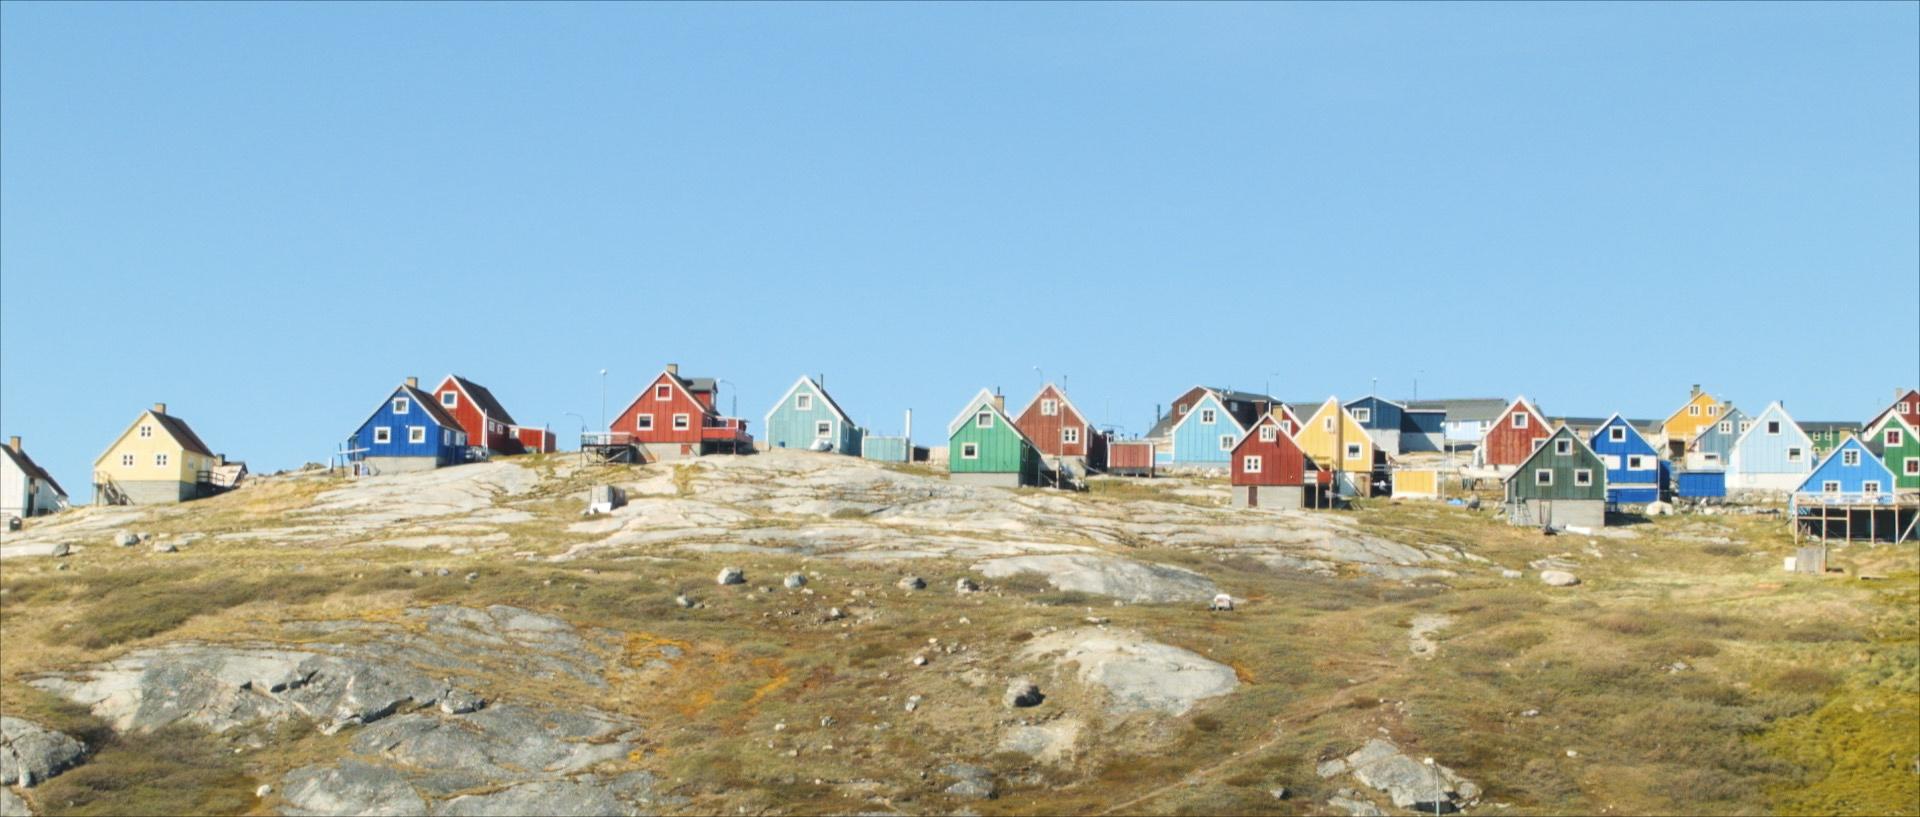 Frame 18 - Qas Half house sky.jpg